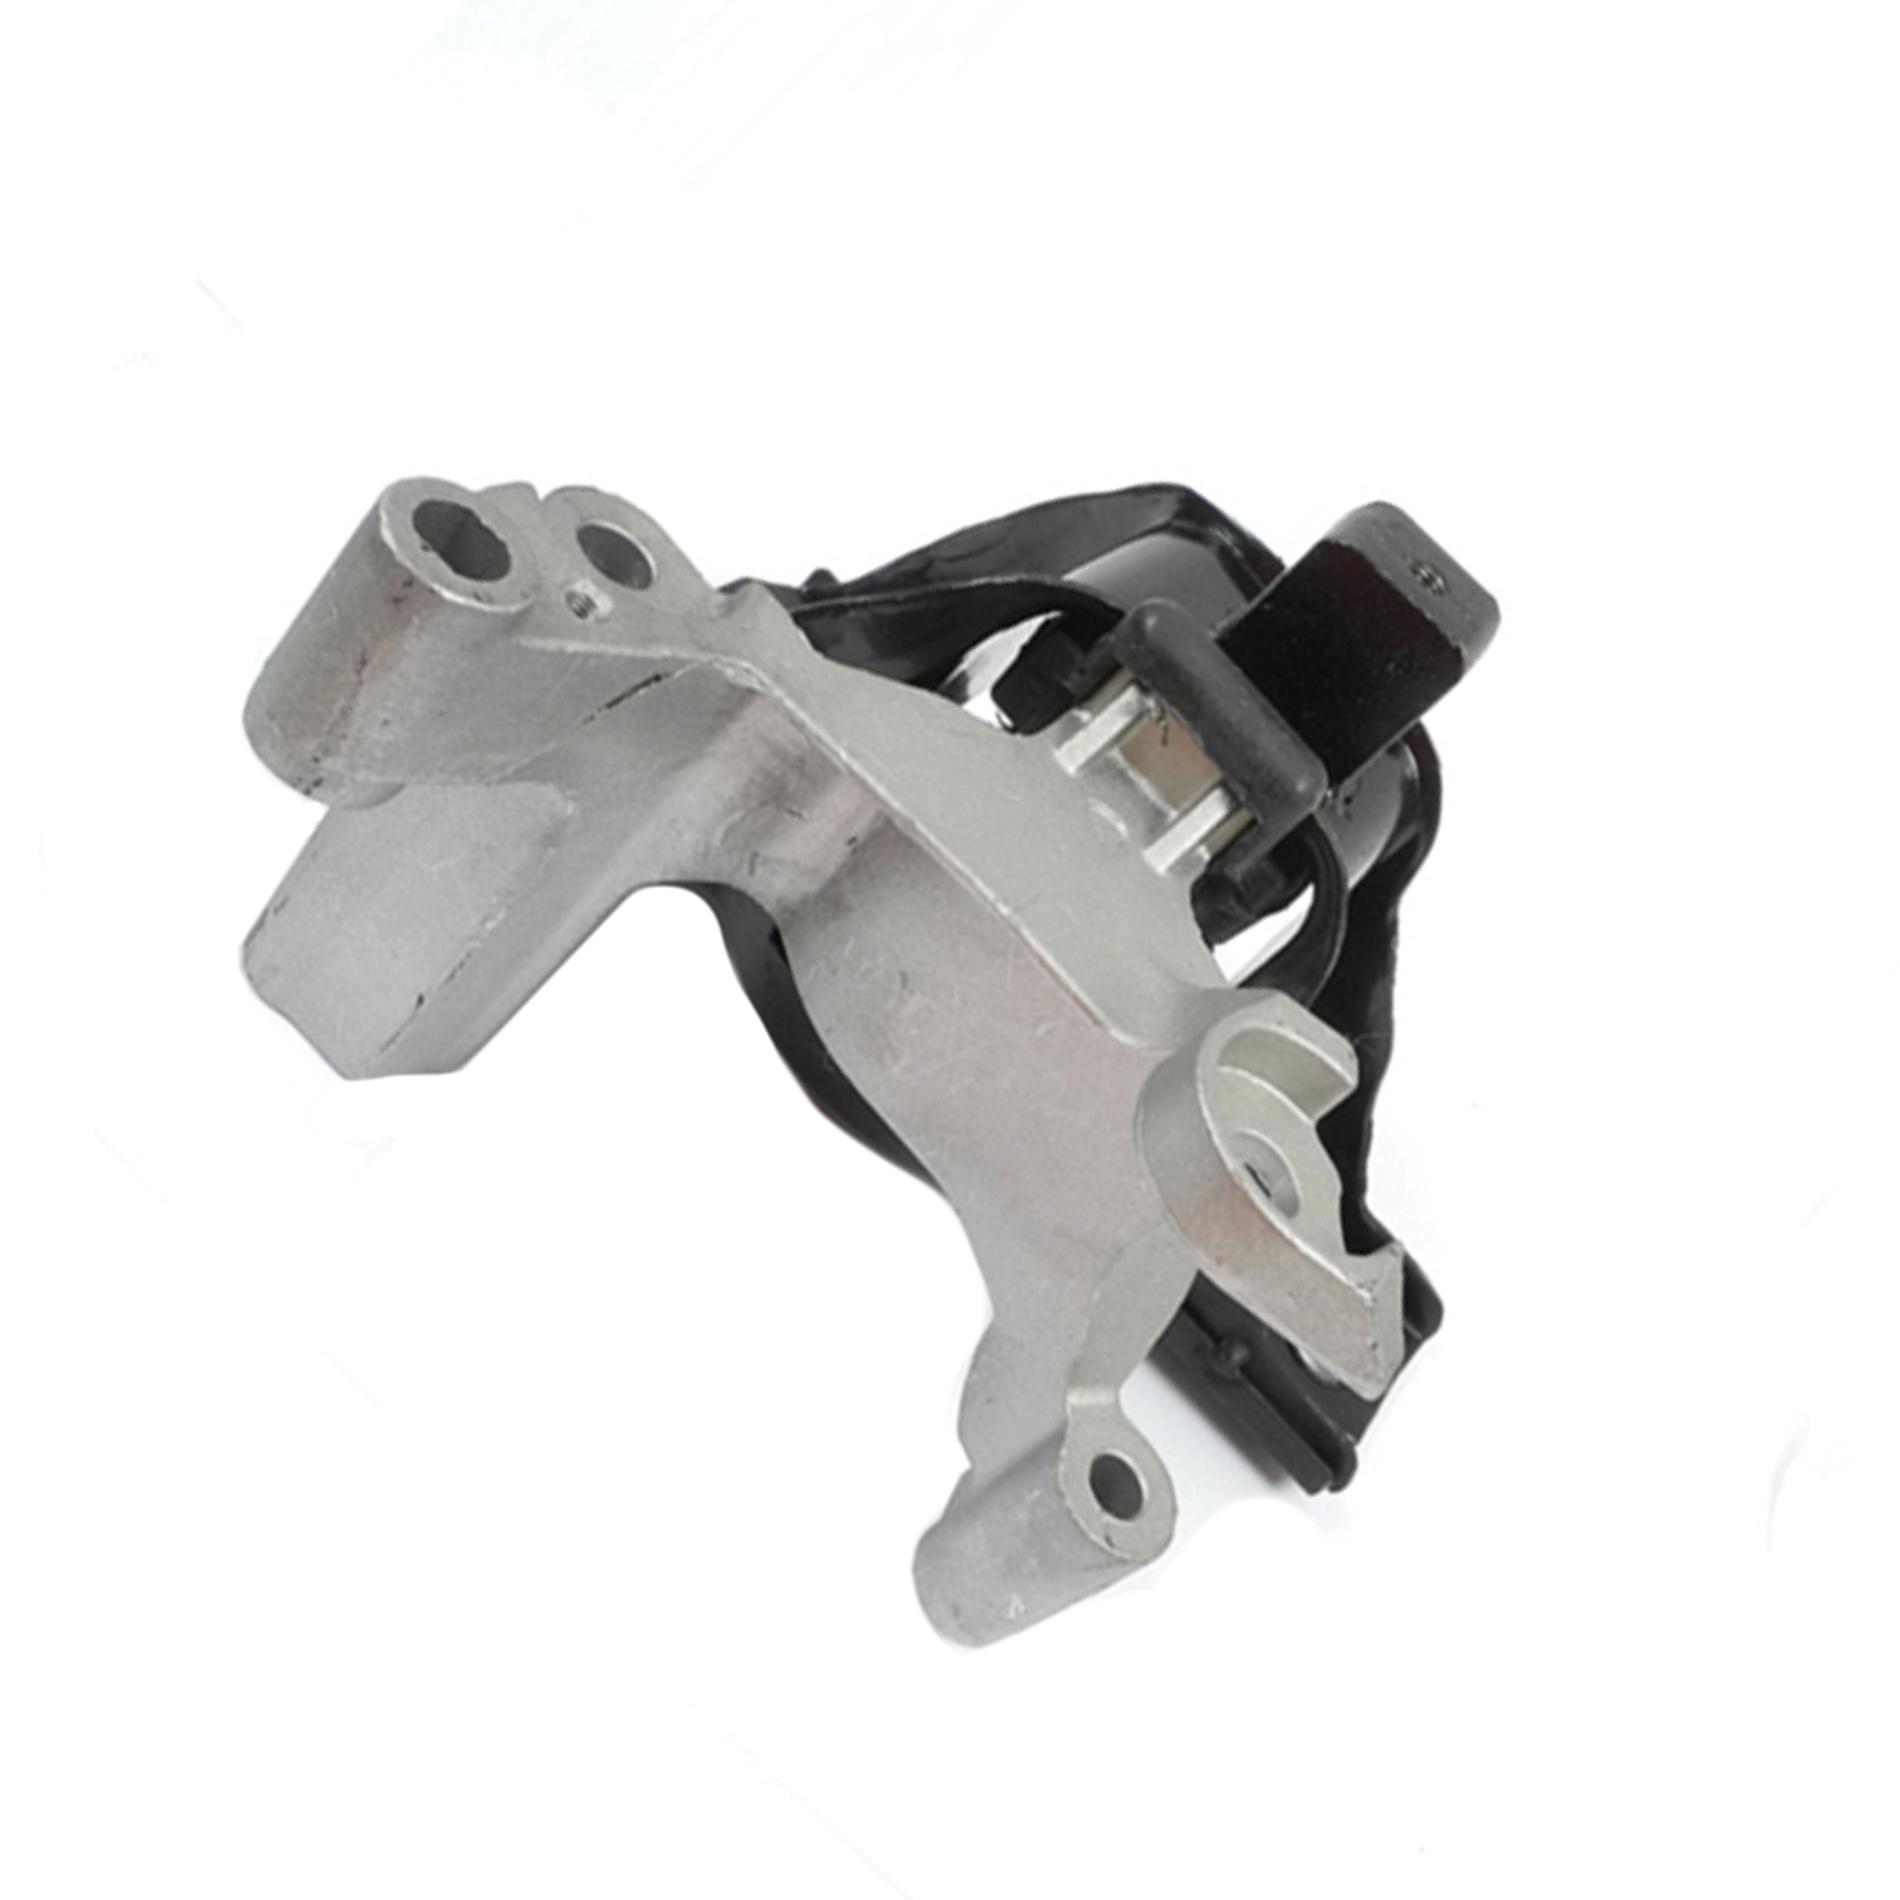 Engine Motor Mount For Nissan Sentra Front 2.0 L